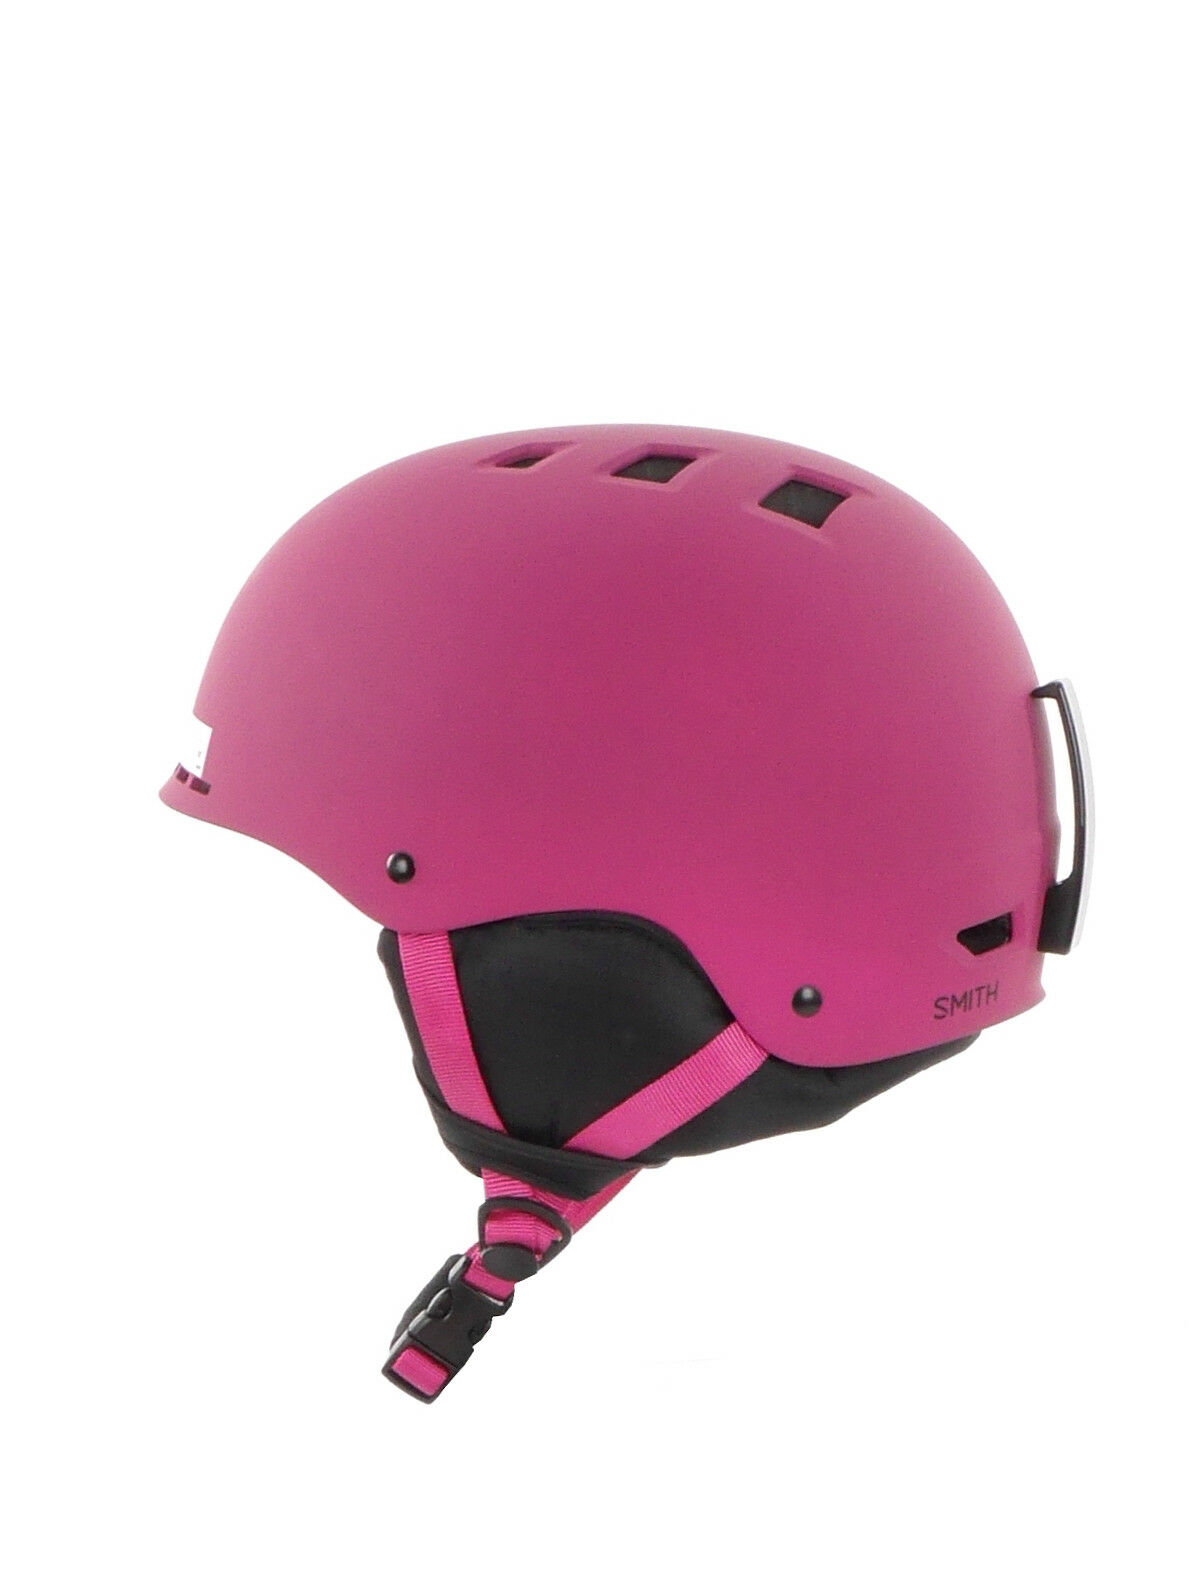 Smith Casco de Snowboard Esquí Holt 2 Fucsia  colors Lisos Ajustable  excellent prices